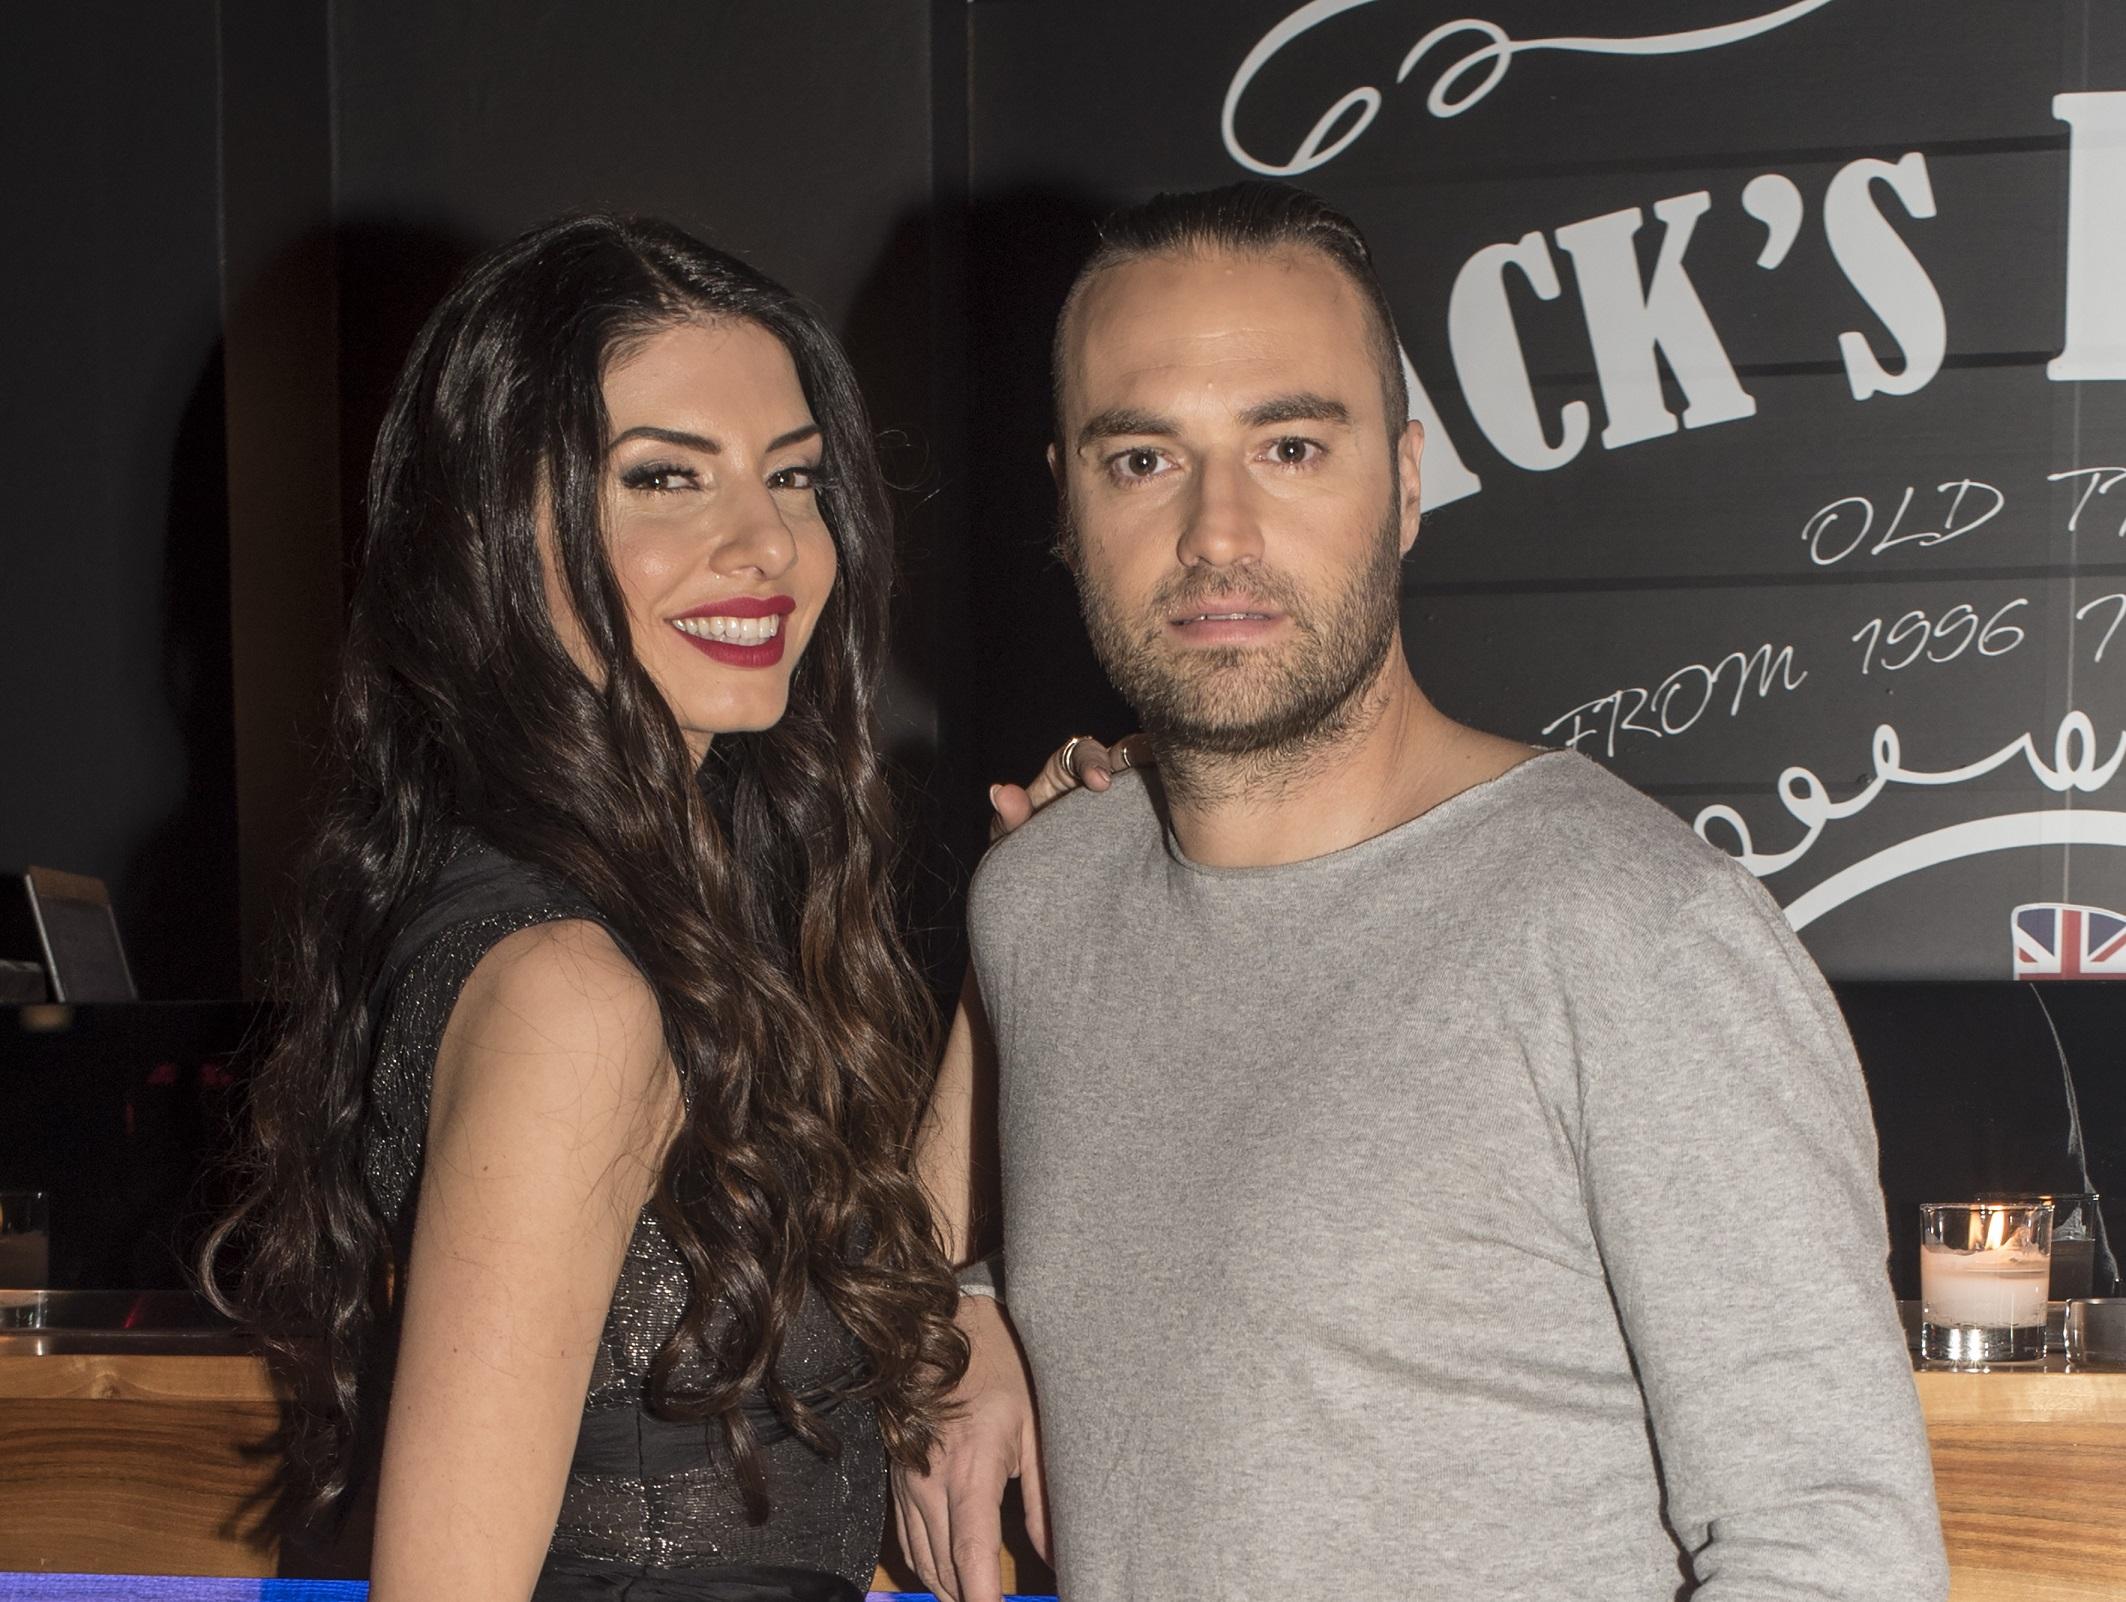 Κώστας Φραγκολιάς: Γιατί συναντήθηκε με την τραγουδίστρια Αλεξία Μιχαήλ; [pics] | tlife.gr